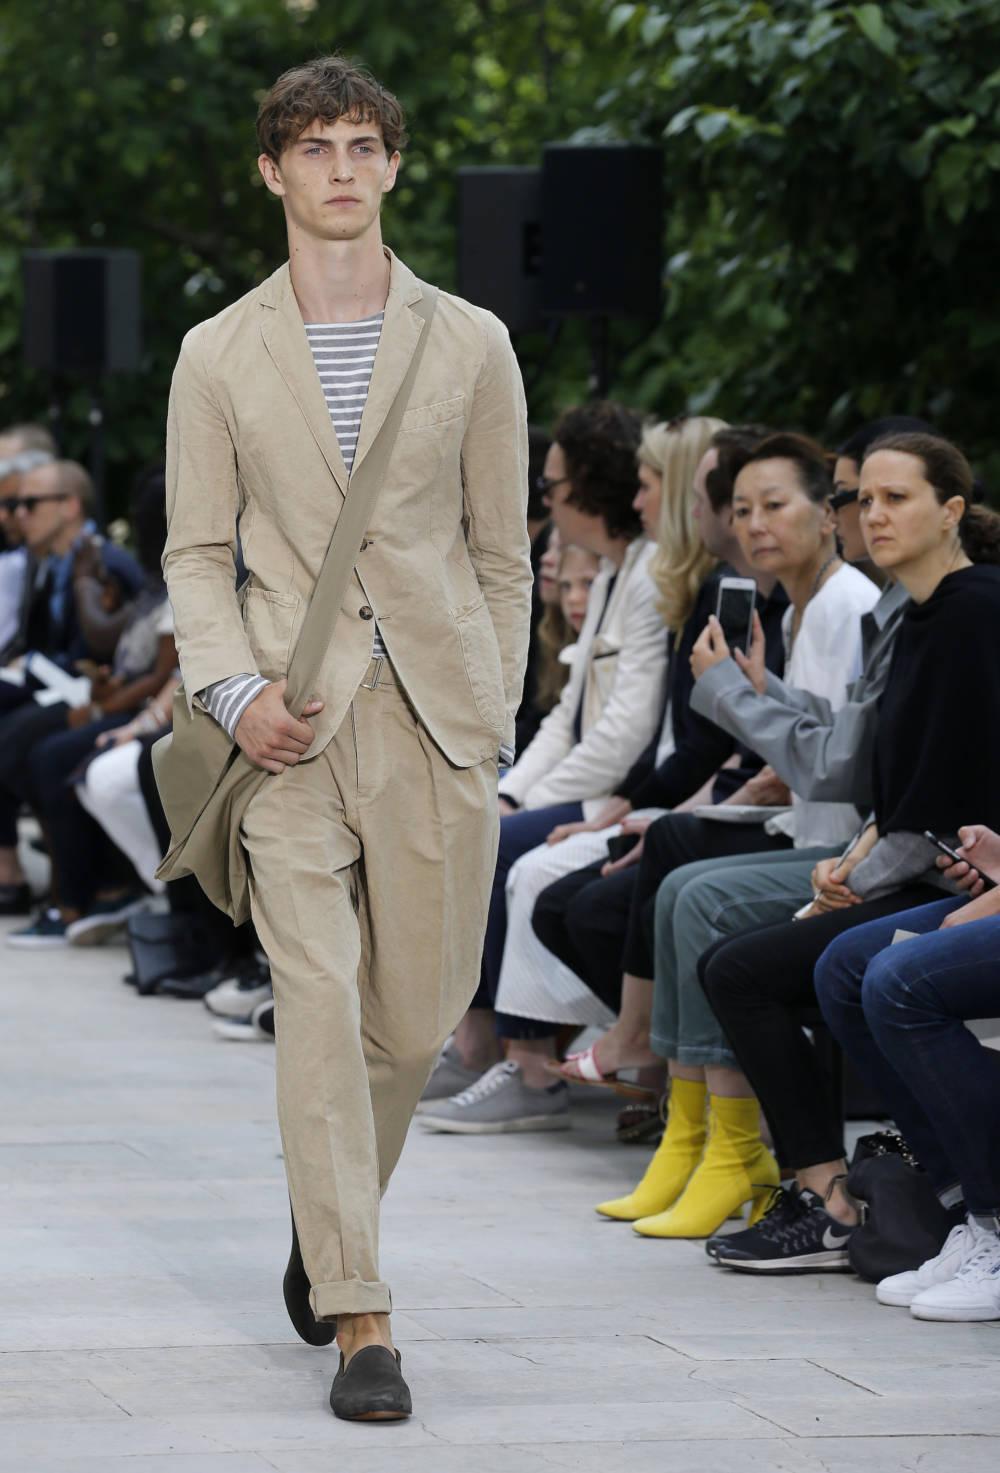 Officine Generale Menswear Show Paris 2018